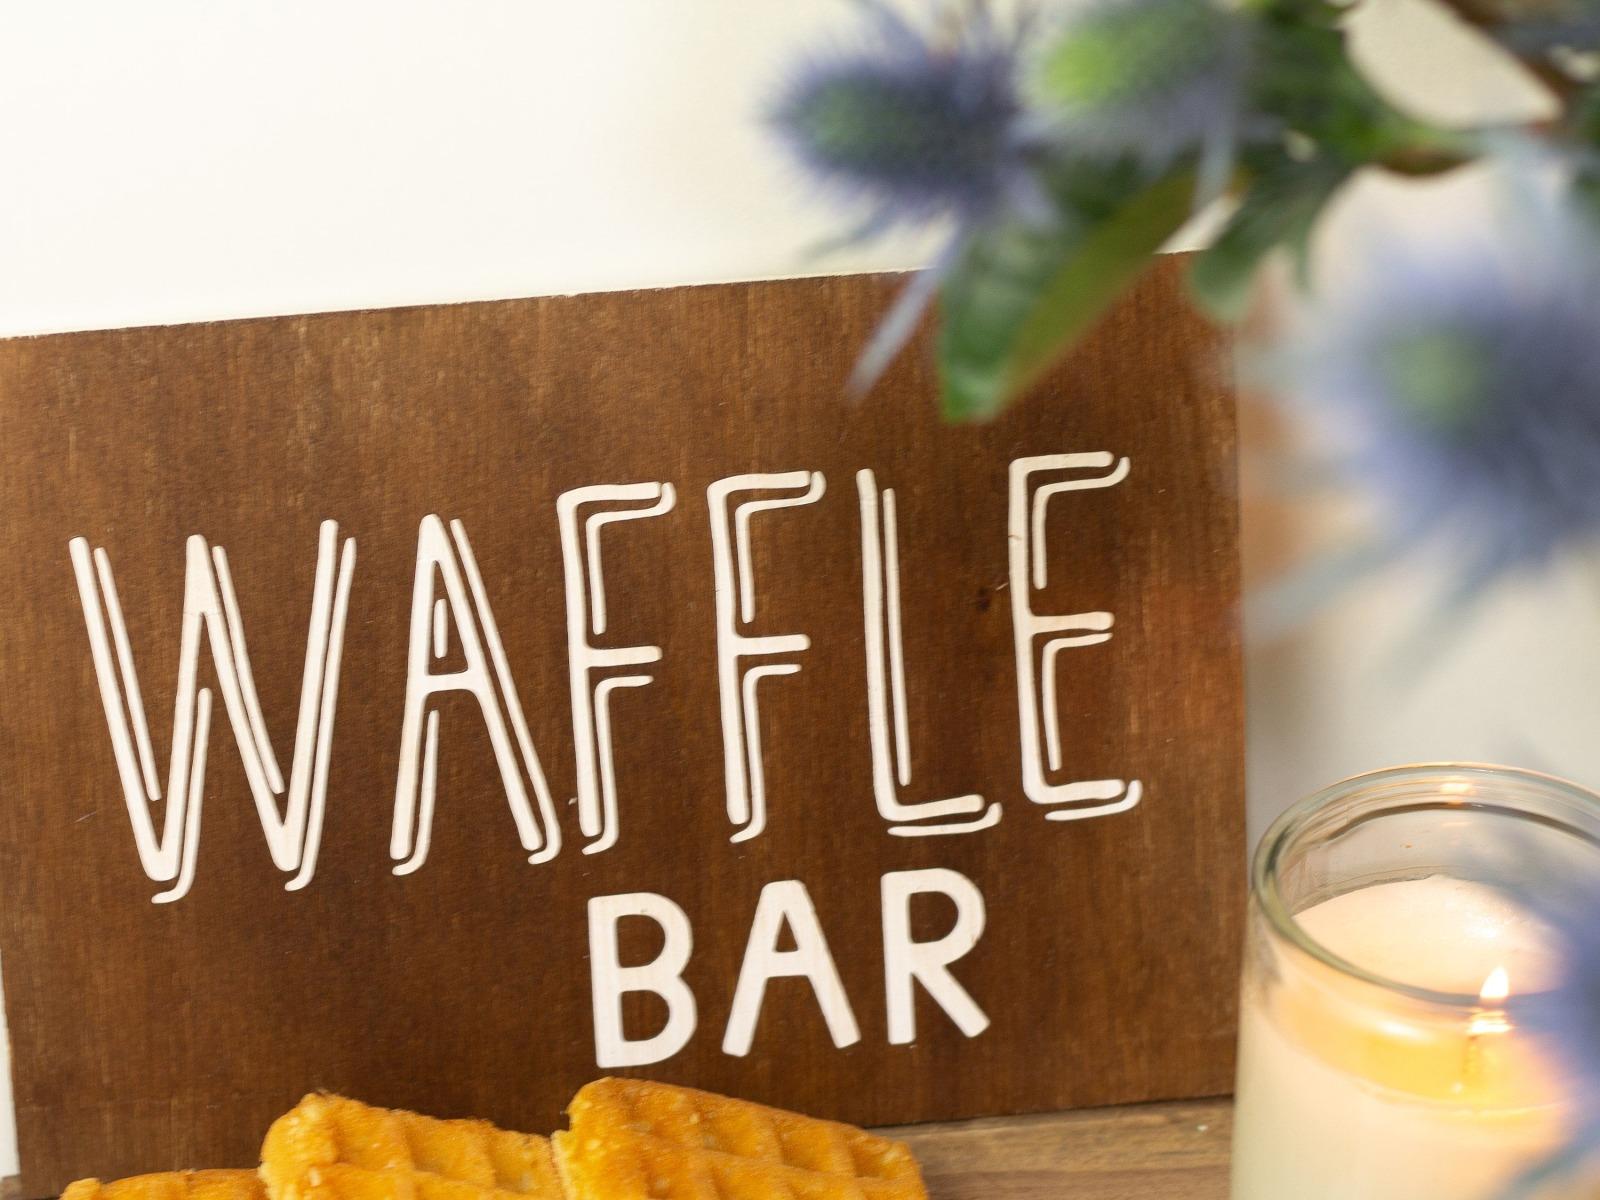 Waffle Bar Holzschild 2